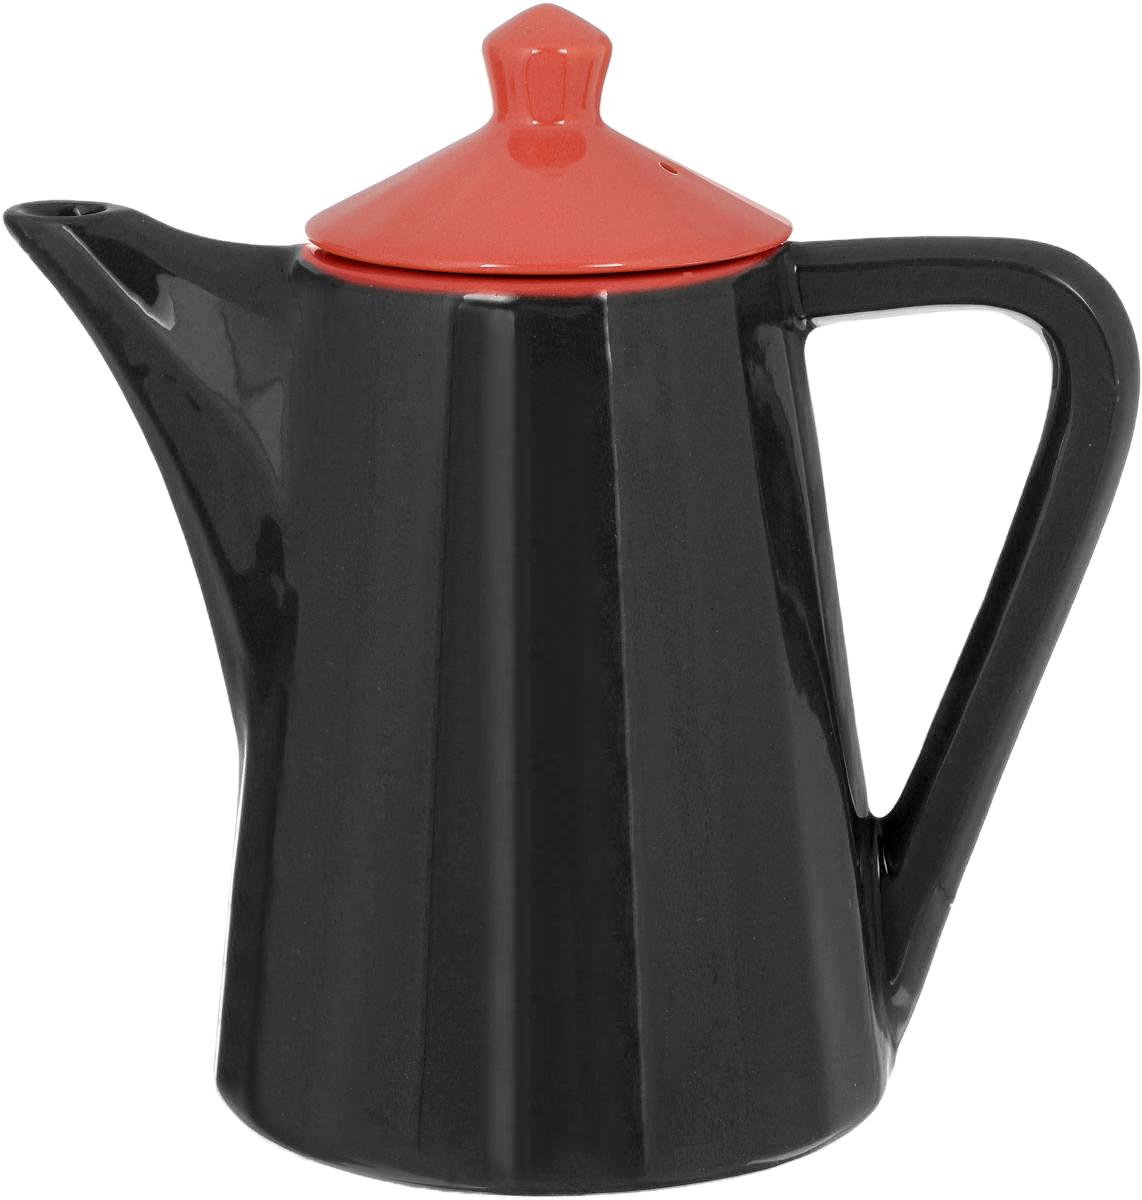 Чайник заварочный Борисовская керамика Ностальгия, цвет: темно-коричневый, оранжевый, 800 млРАД14458176_темно-коричневый, оранжевыйЗаварочный чайник Борисовская керамика Ностальгия изготовлен из высококачественной керамики и имеет глазурованное покрытие. Благодаря такому материалу чай дольше сохраняет свою температуру.Изысканный дизайн придется по вкусу и ценителям классики и тем, кто предпочитает современный стиль. Объем: 800 мл.